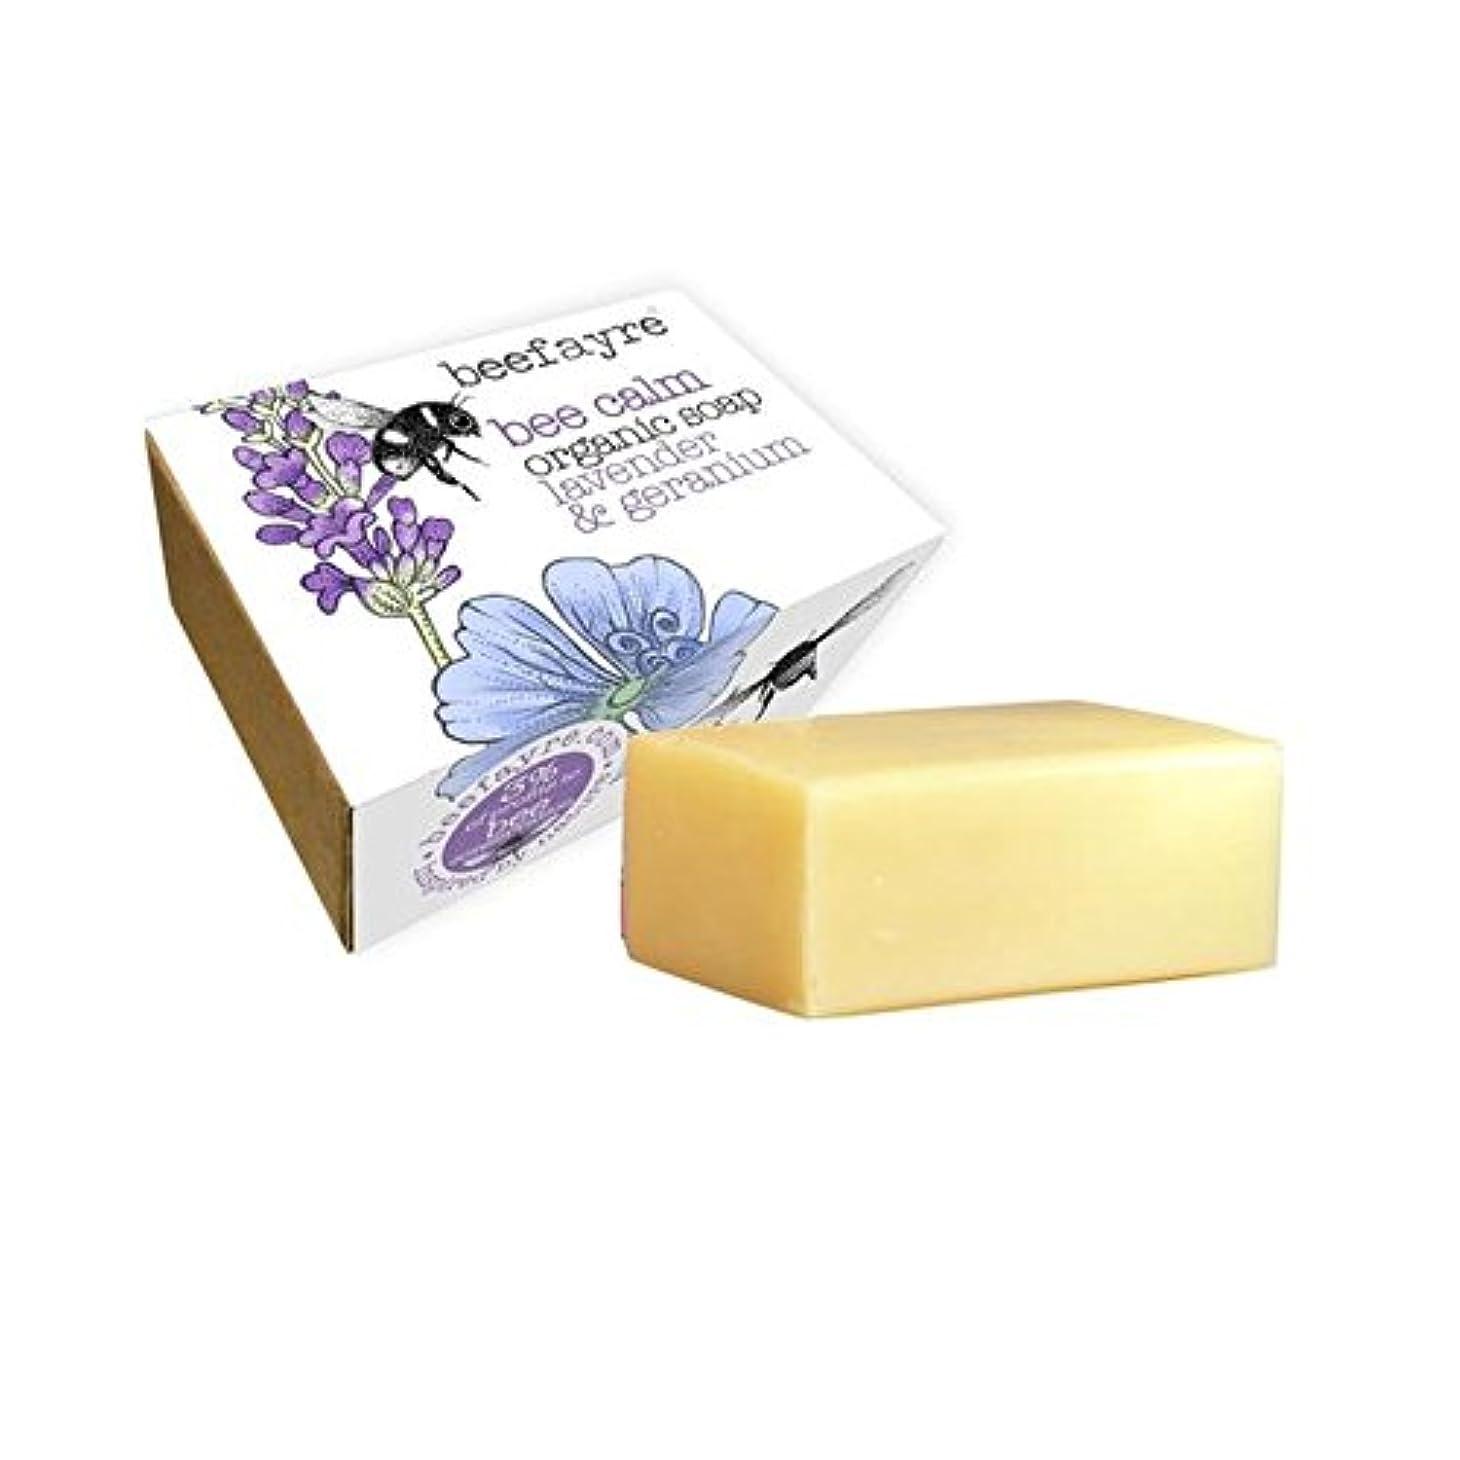 すきマイナス接ぎ木Beefayre Organic Geranium & Lavender Soap (Pack of 6) - 有機ゼラニウム&ラベンダー石鹸 x6 [並行輸入品]